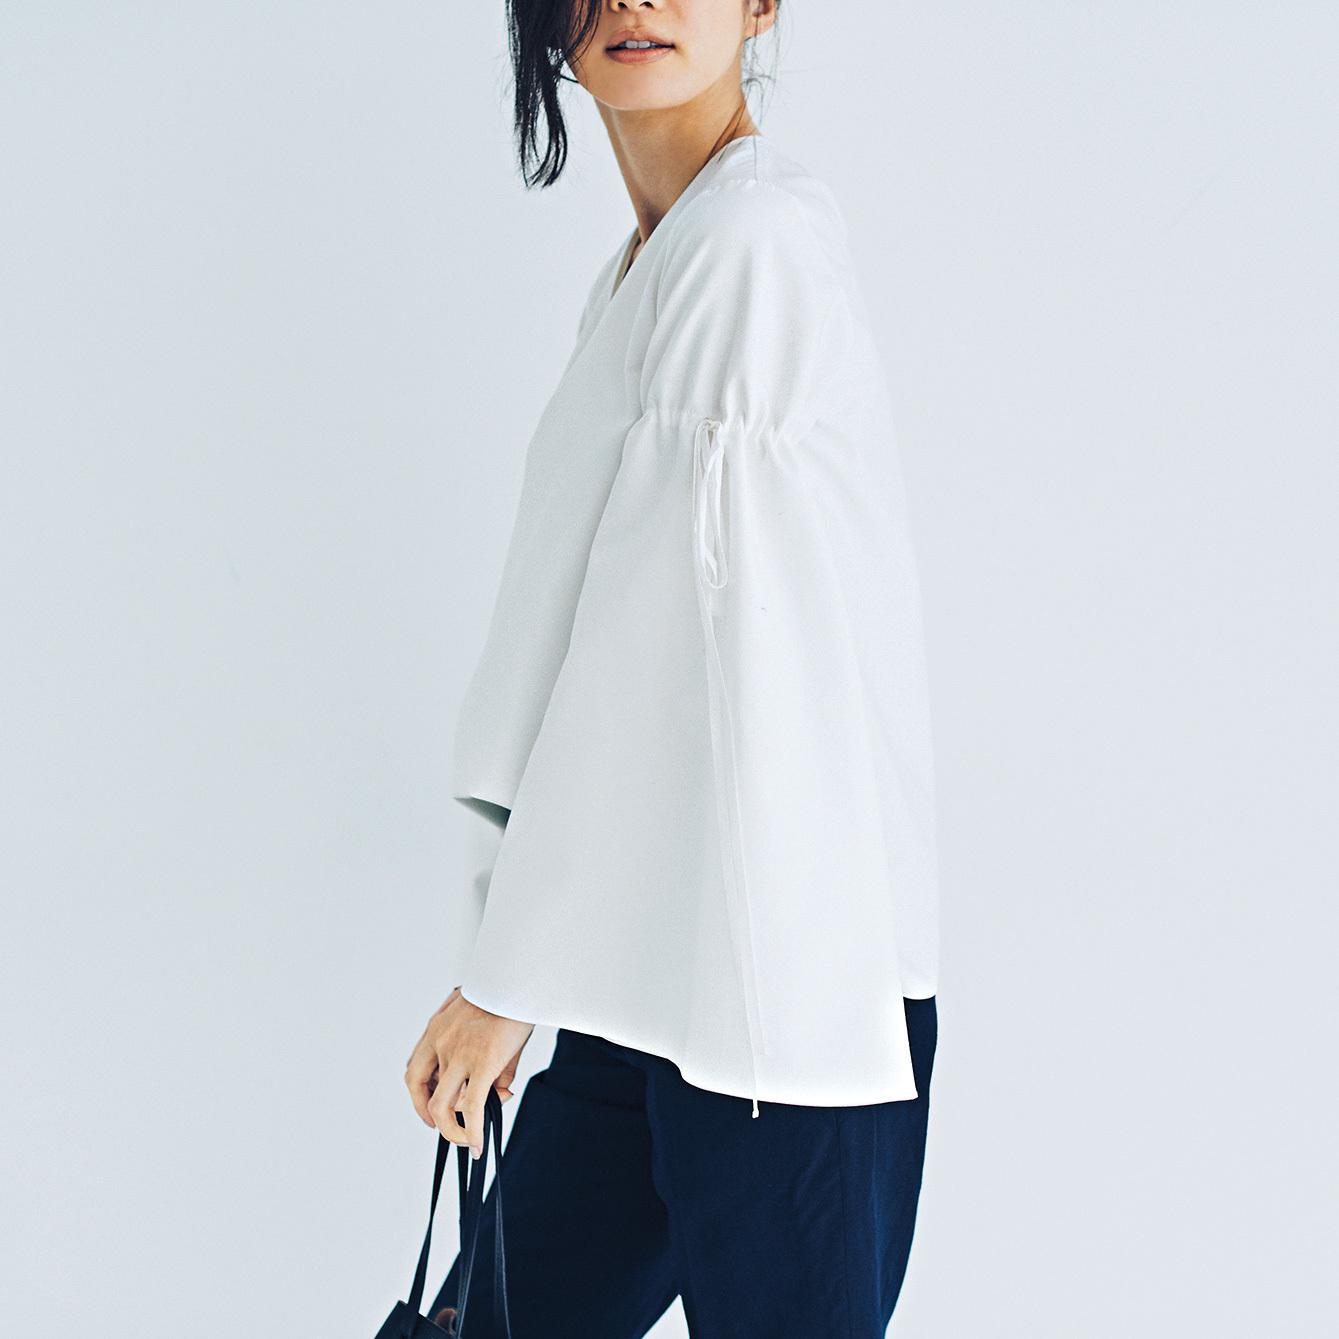 """どこから見ても素敵な""""白シャツ美人""""を目ざして。主張のある白シャツを1枚_1_1"""